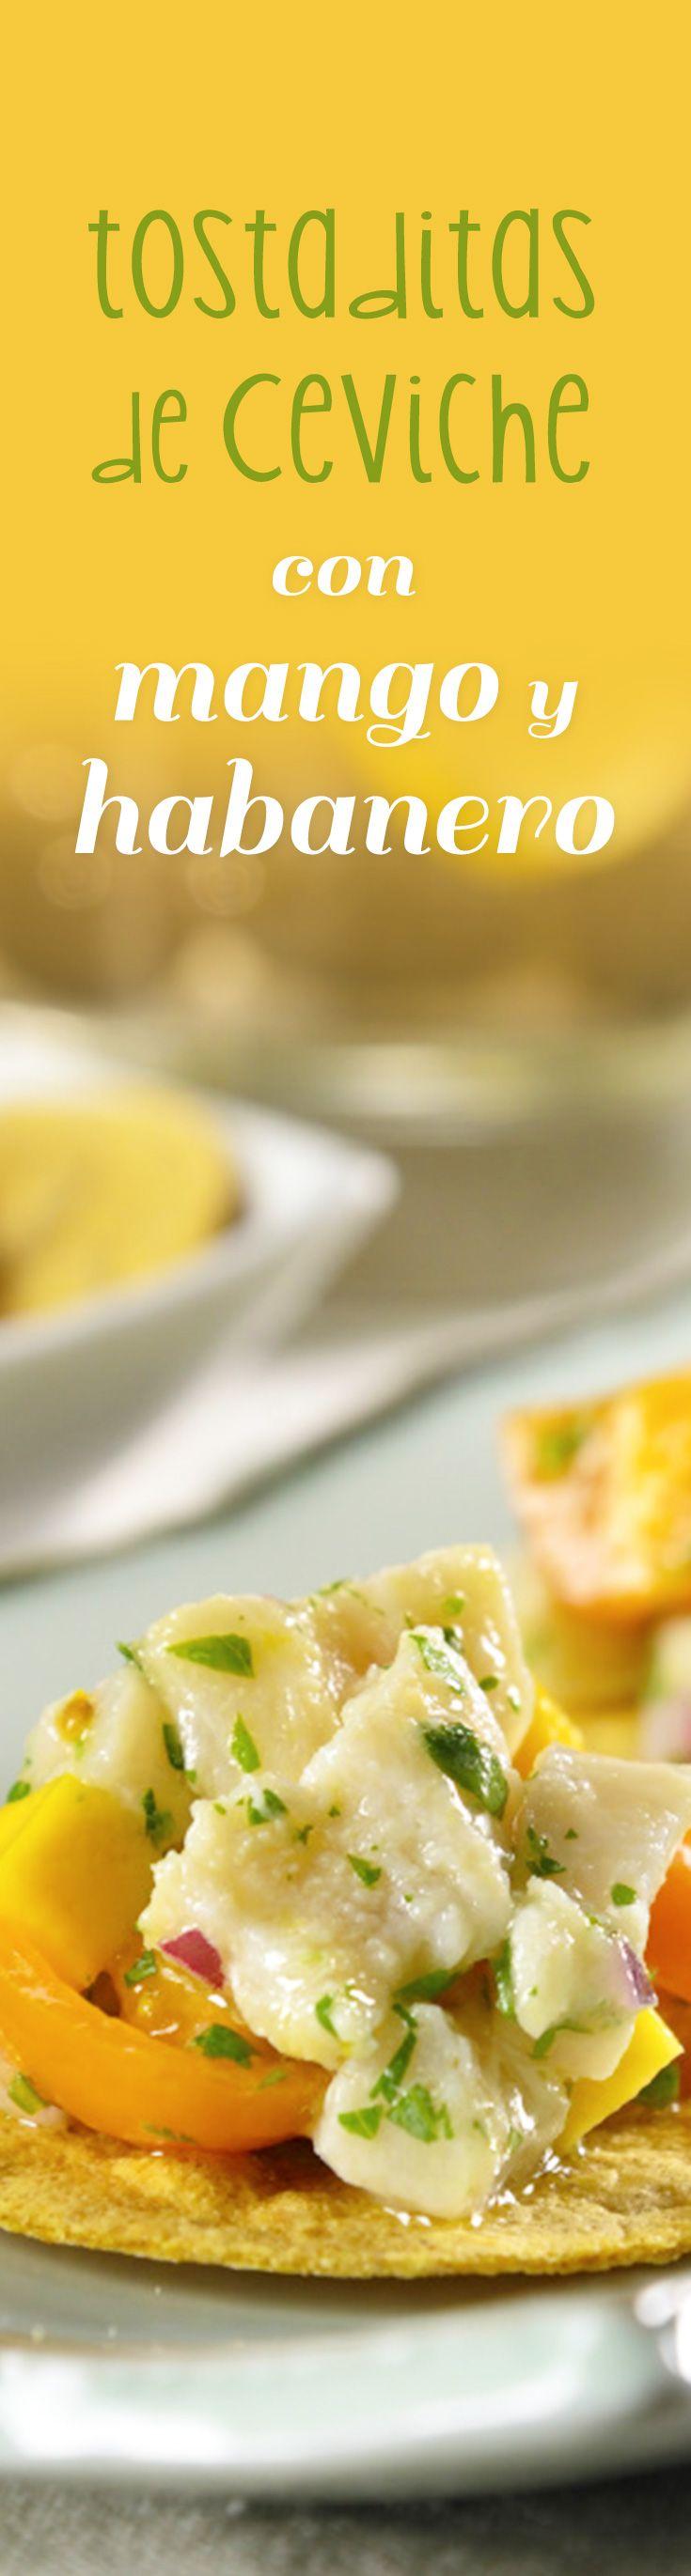 ¡Cocina las mejores recetas de botanas para botanear con tus amigos durante tu partido favorito del súper bowl! ¡Apoya a tu equipo favorito de futbol americano de la NFL con cualquiera de estas recetas de cocina!